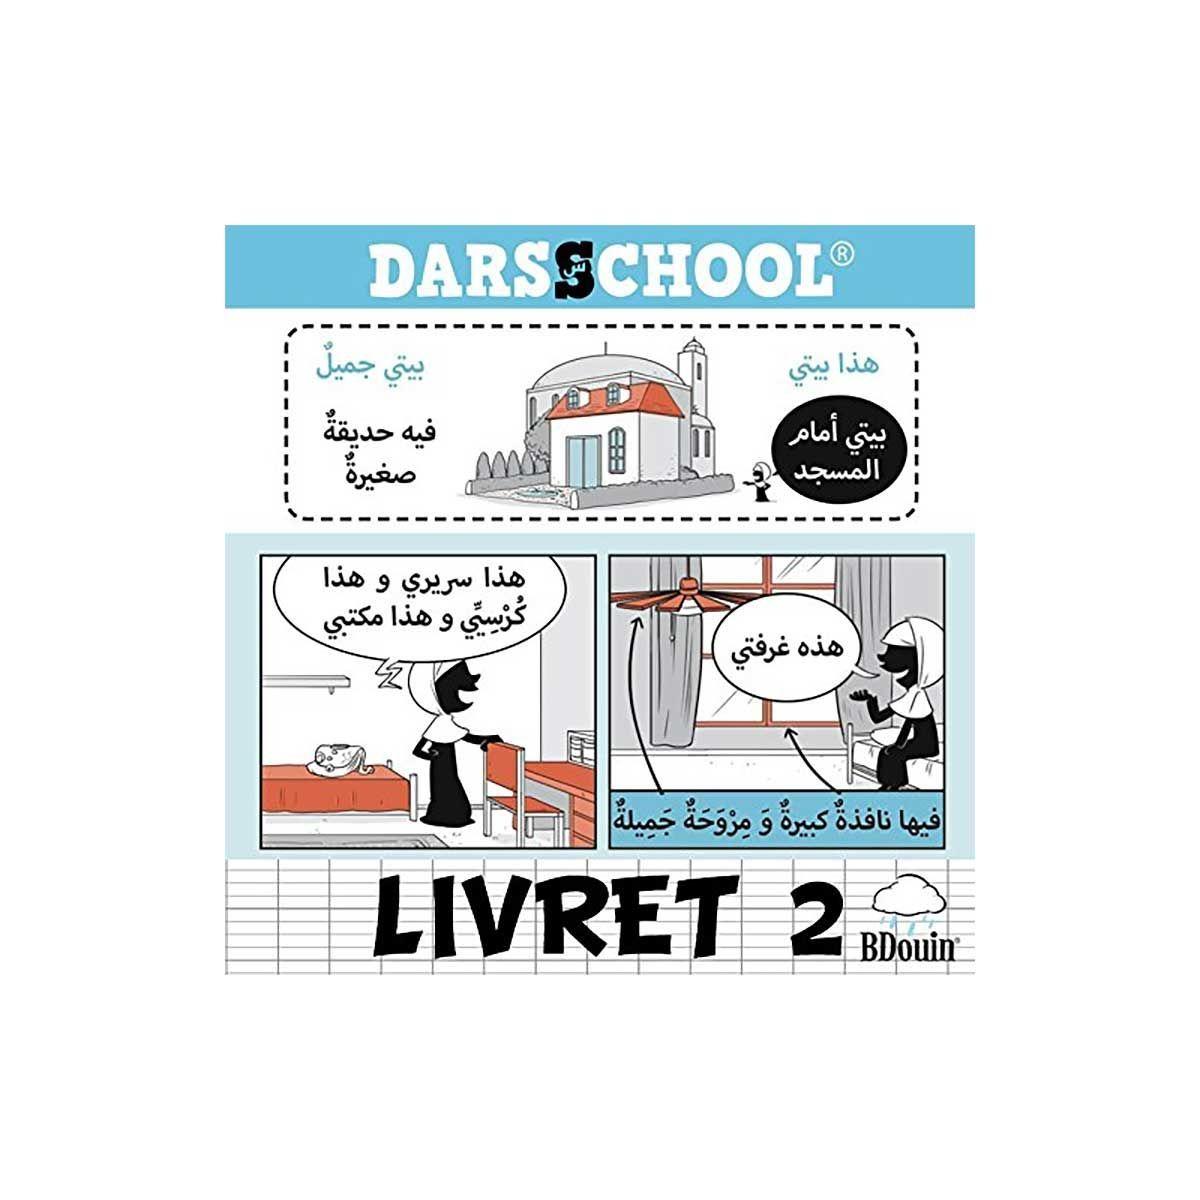 DARSSCHOOL - LIVRET 2 - Leçon 8 à 13